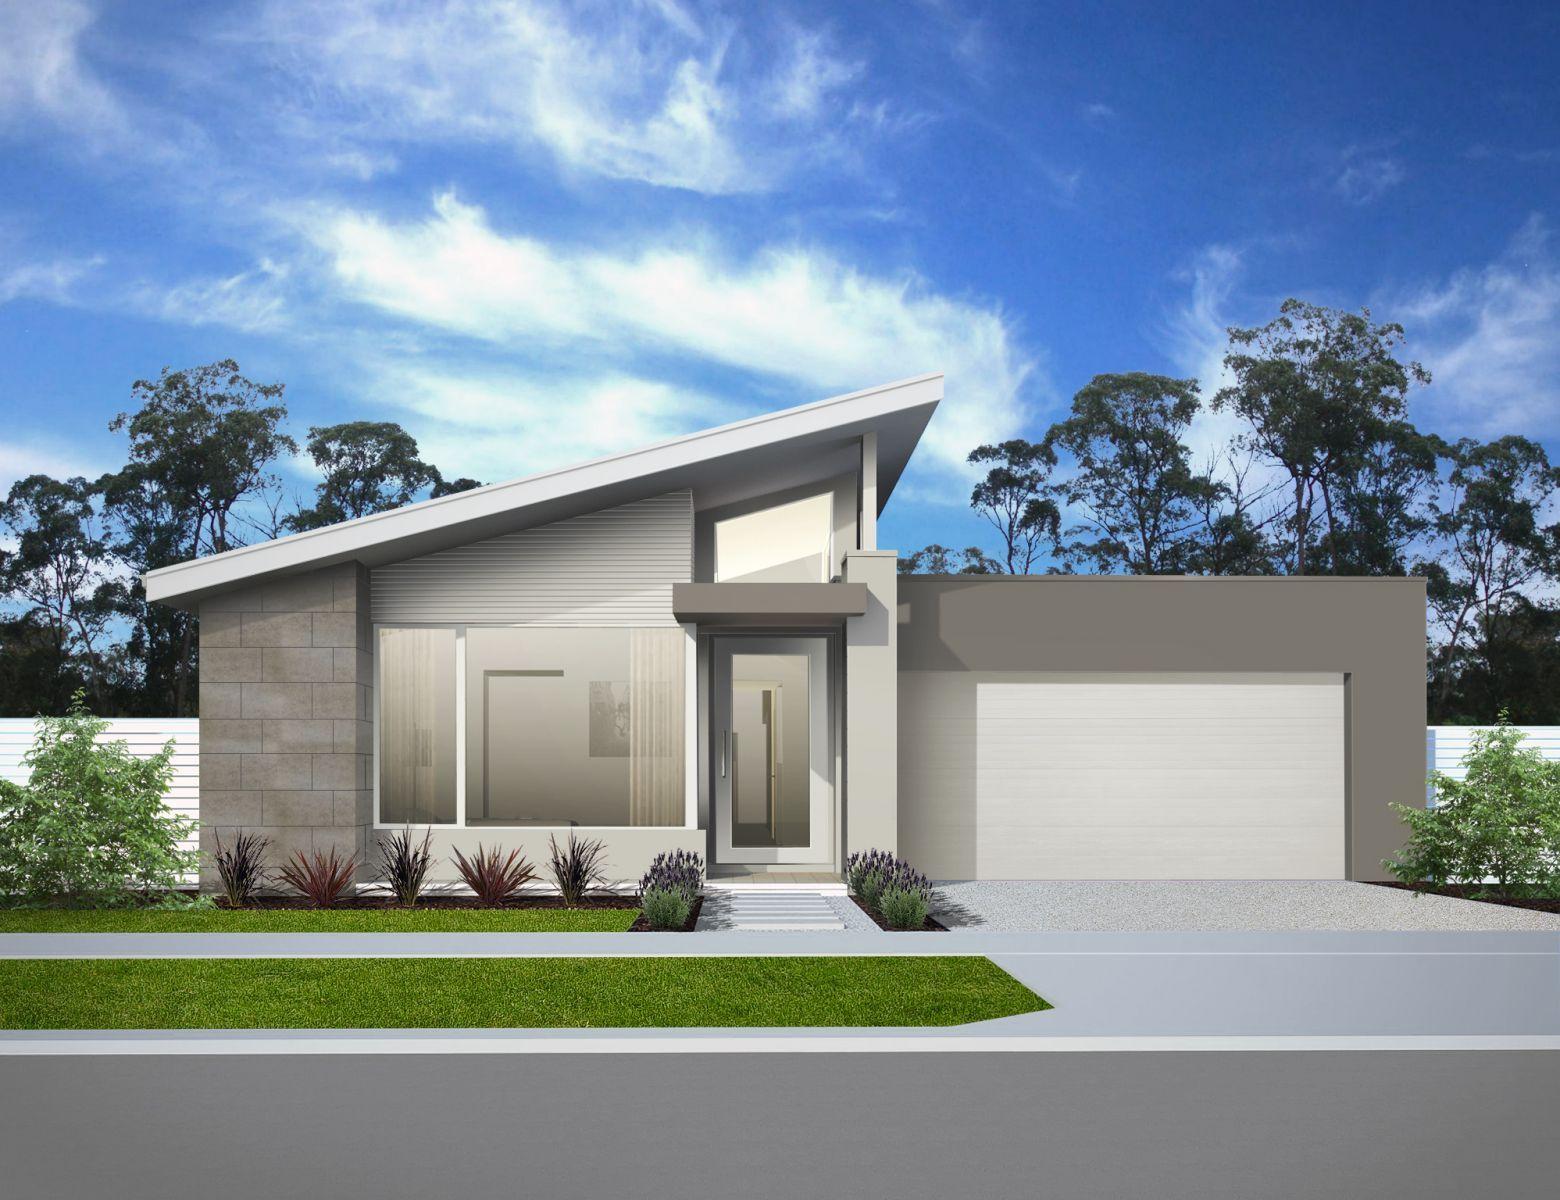 95 Idee Su Case Monopiano Case Moderne Case Architettura